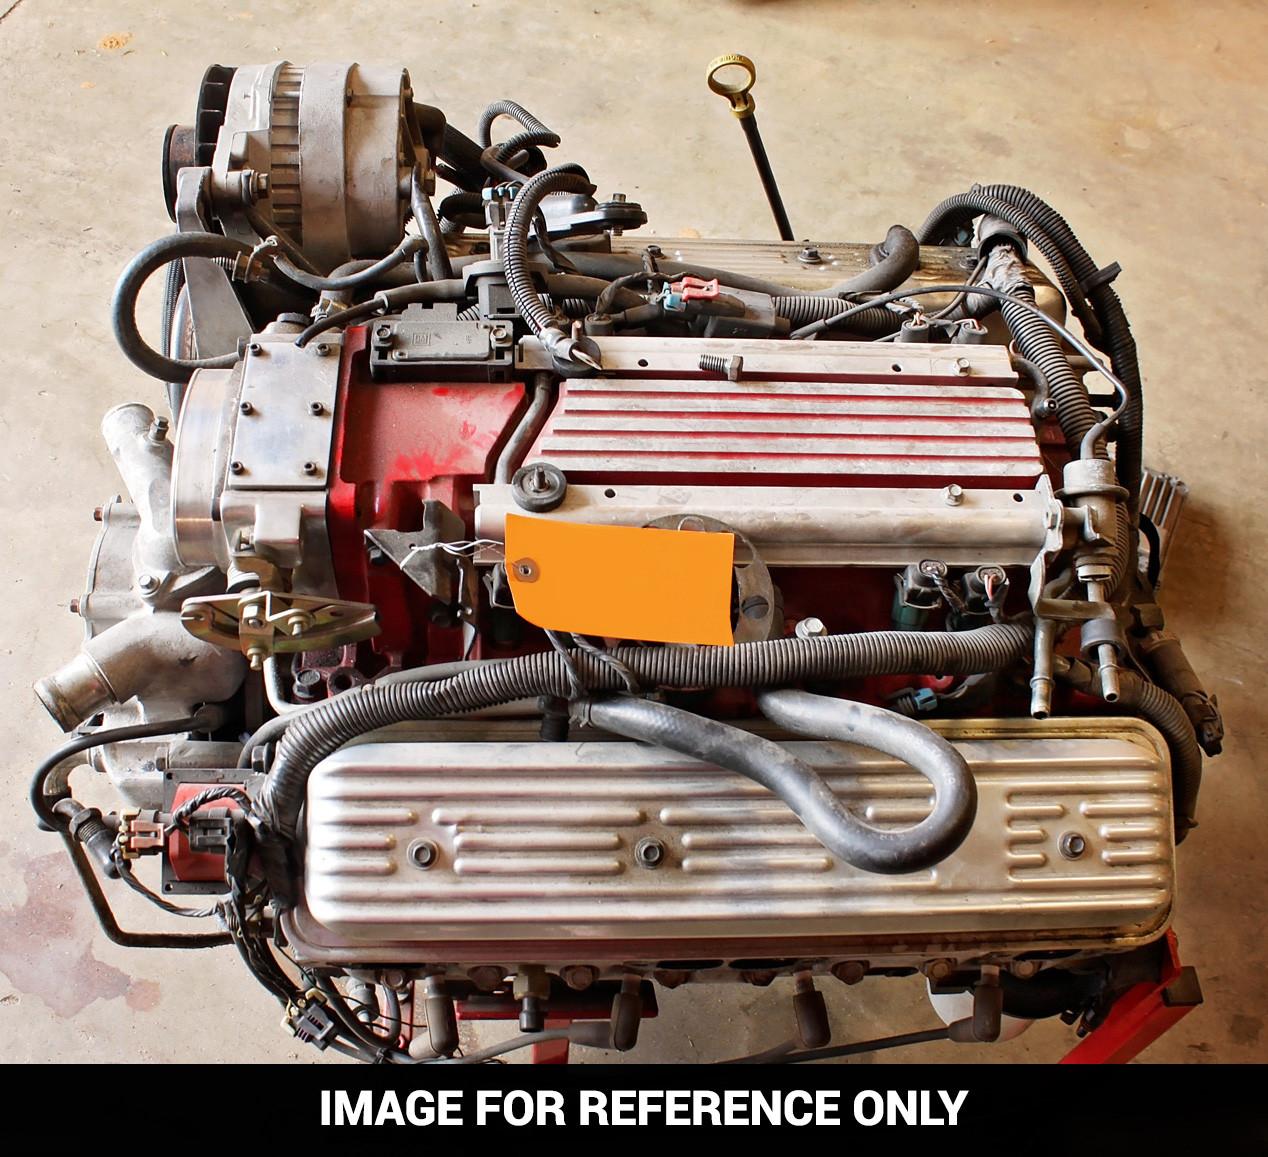 hight resolution of 1997 pontiac firebird lt1 engine diagram trusted wiring diagram u2022 trans am ws6 wheels 1996